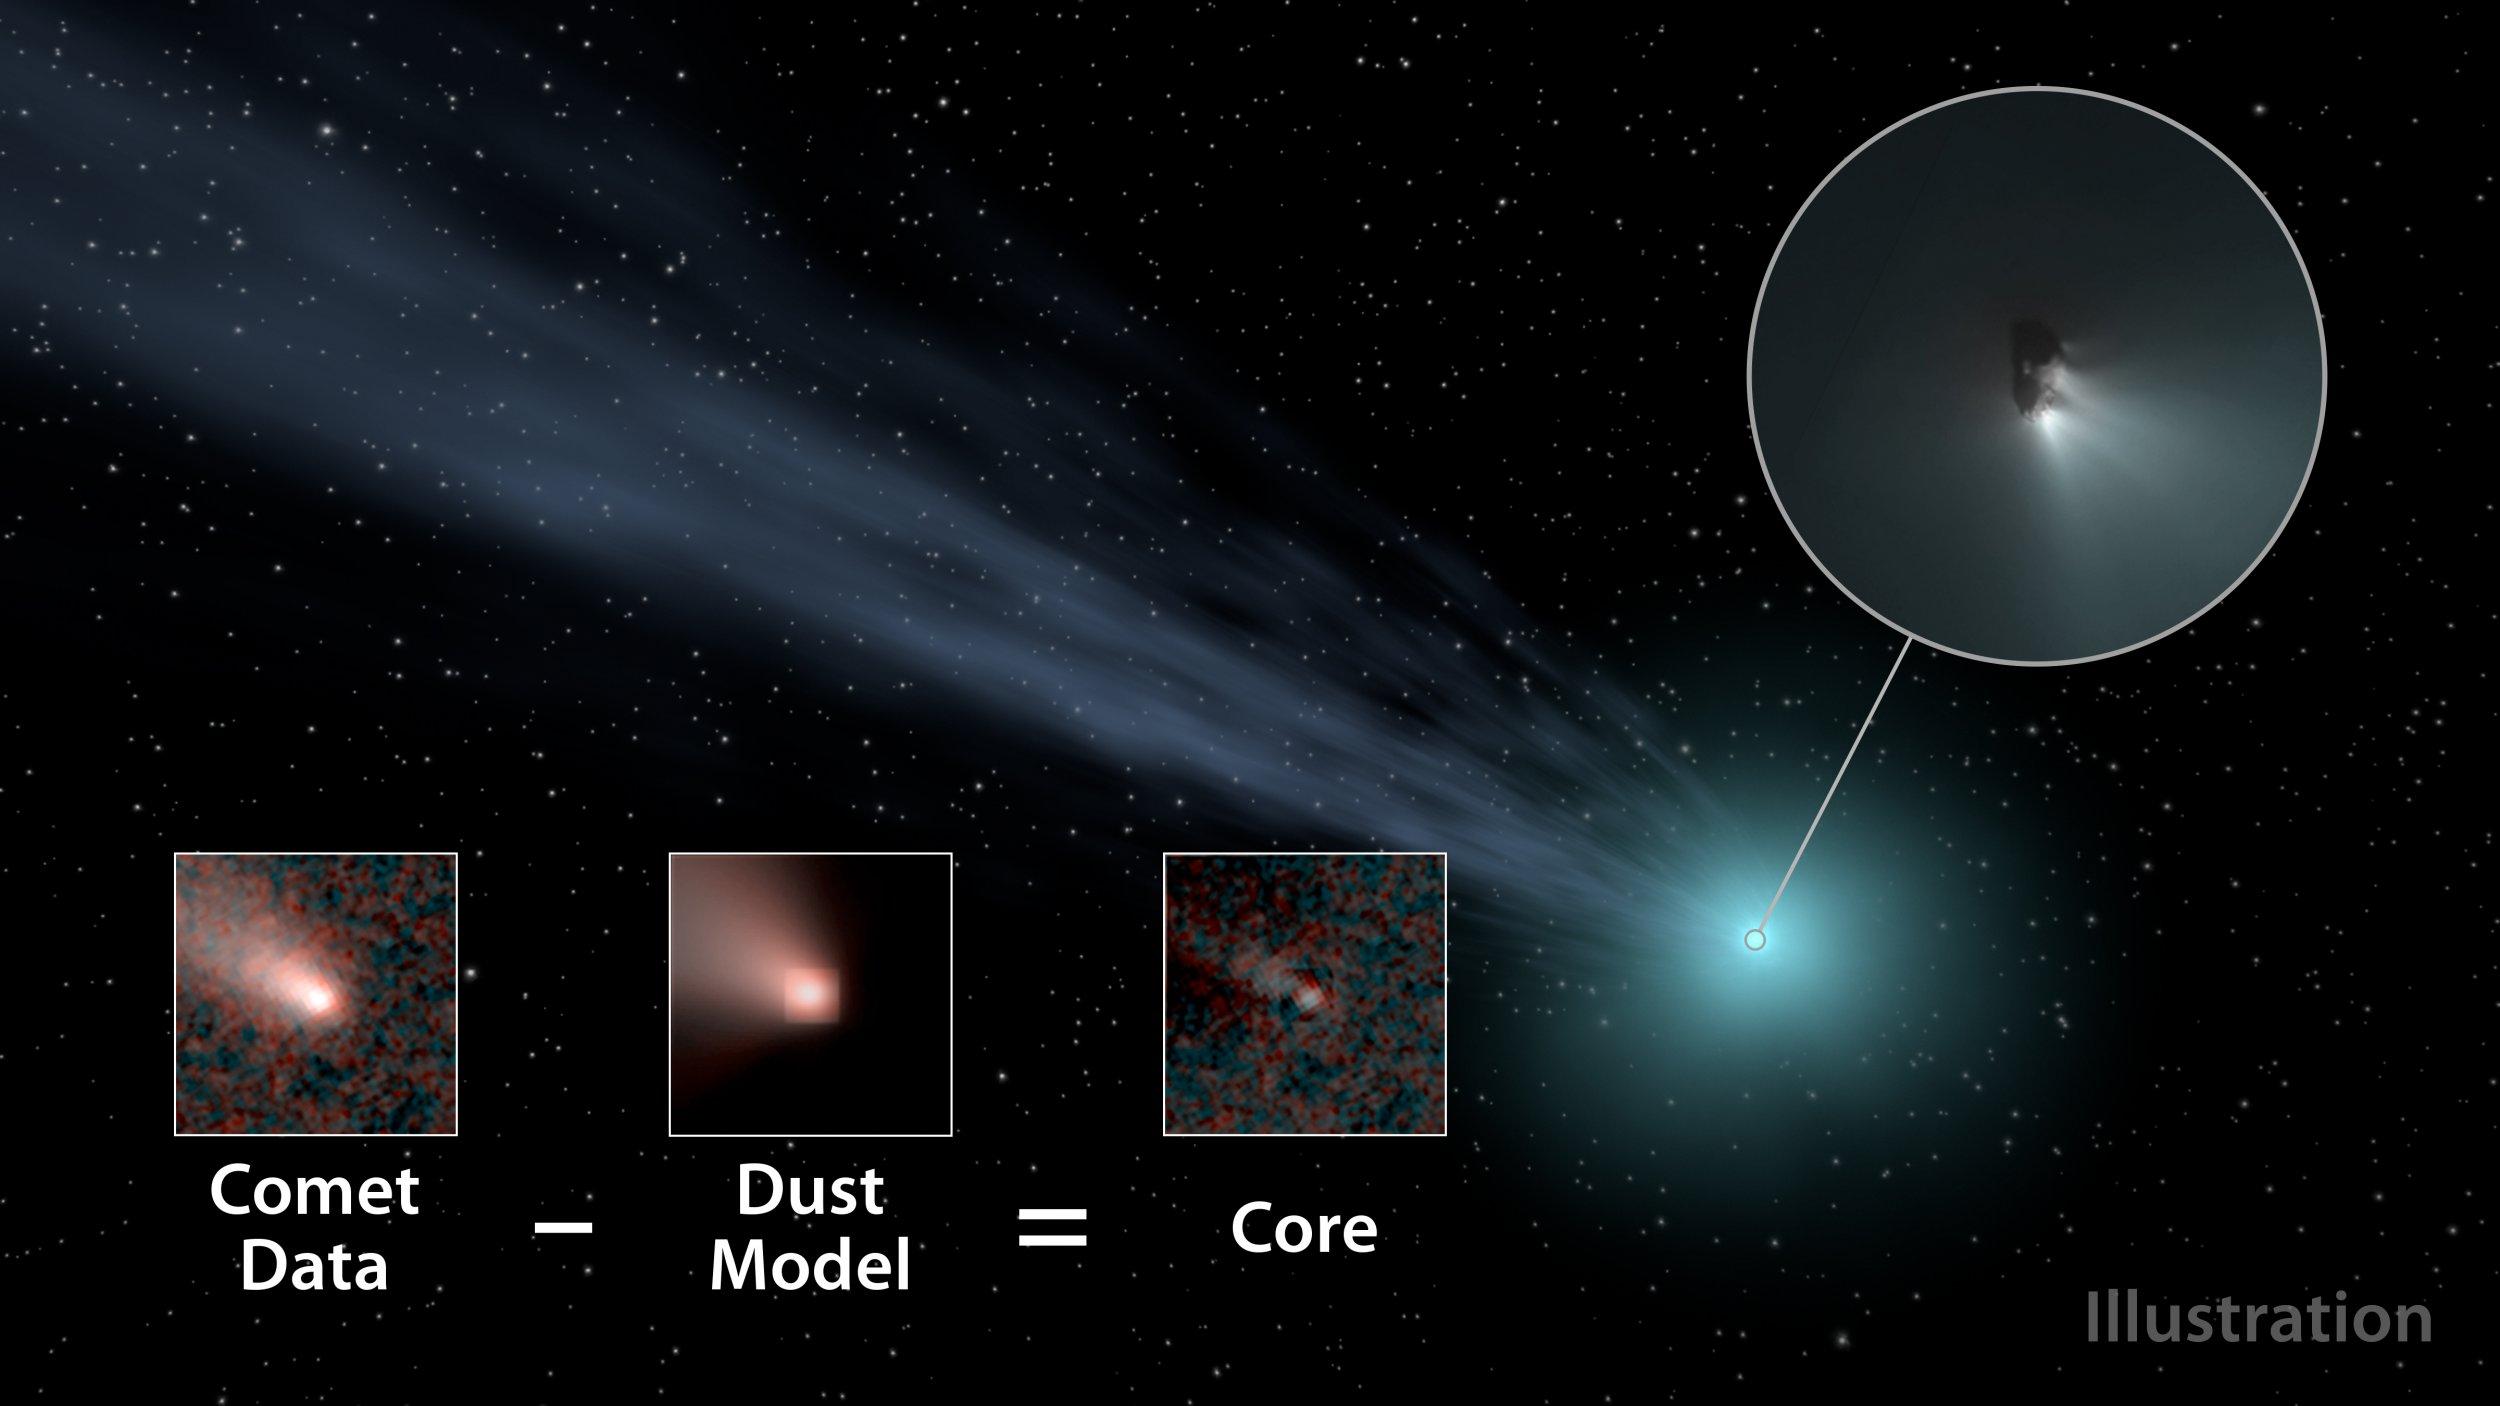 Hay muchos mas cometas en el sistema solar de lo que creemos